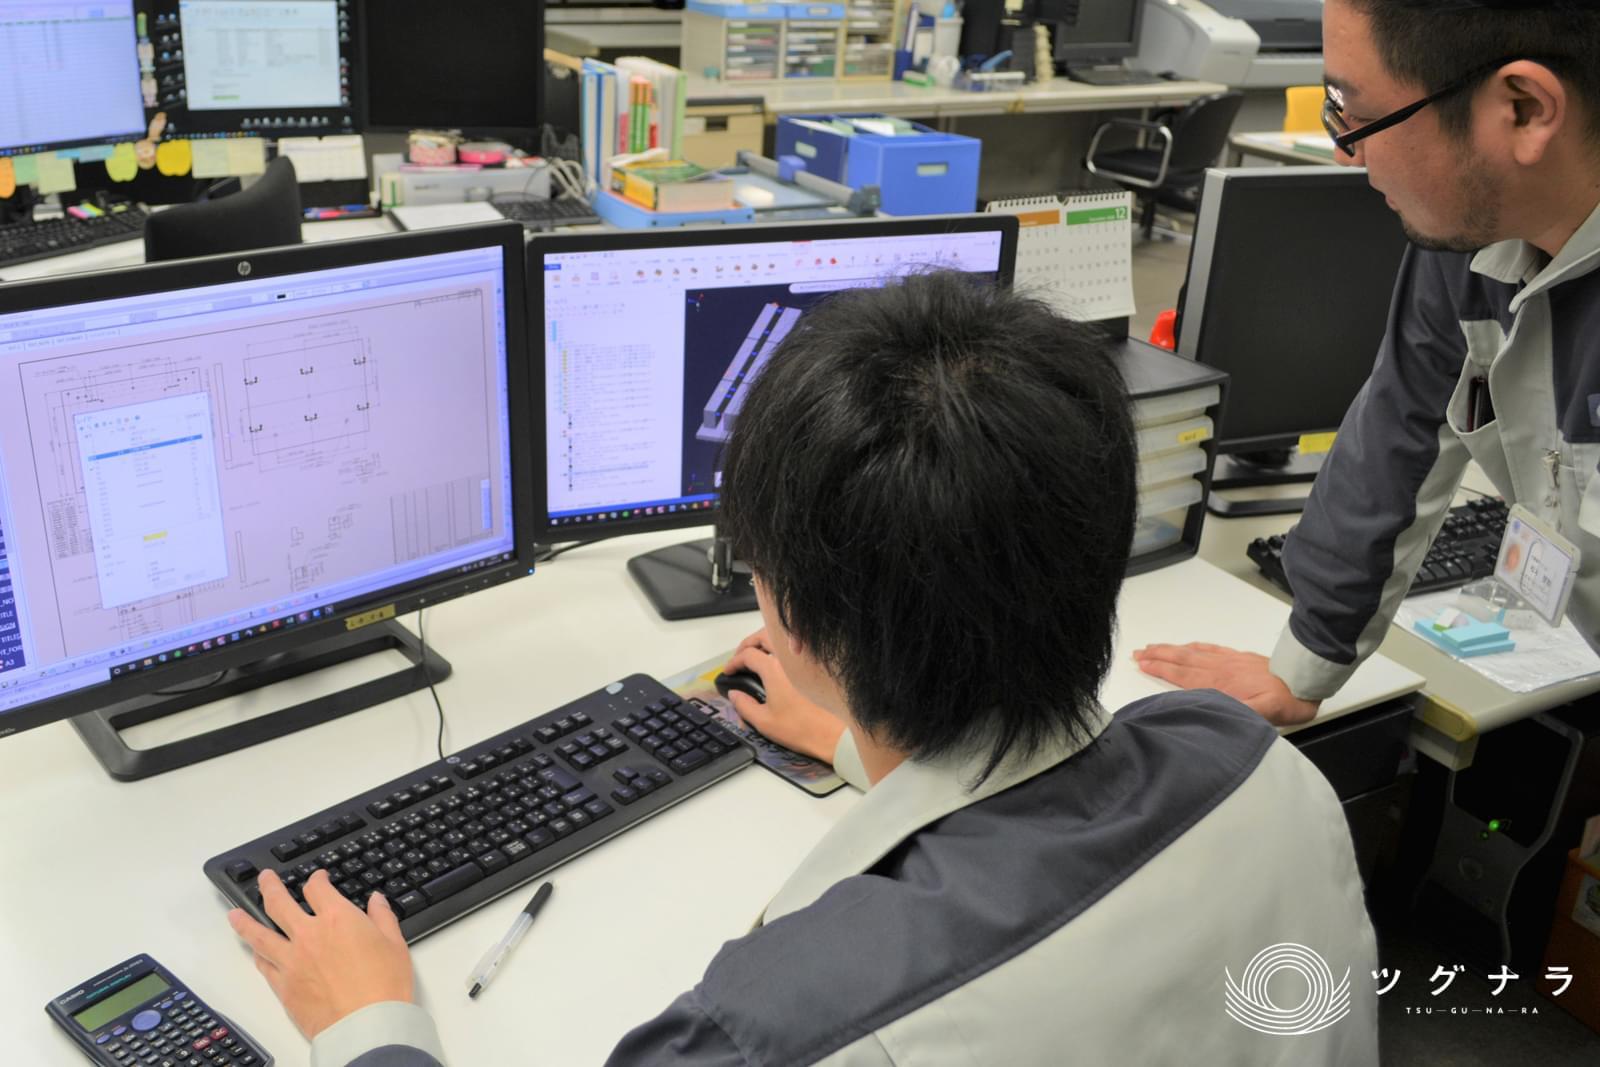 株式会社オノプラント_サービスの特徴